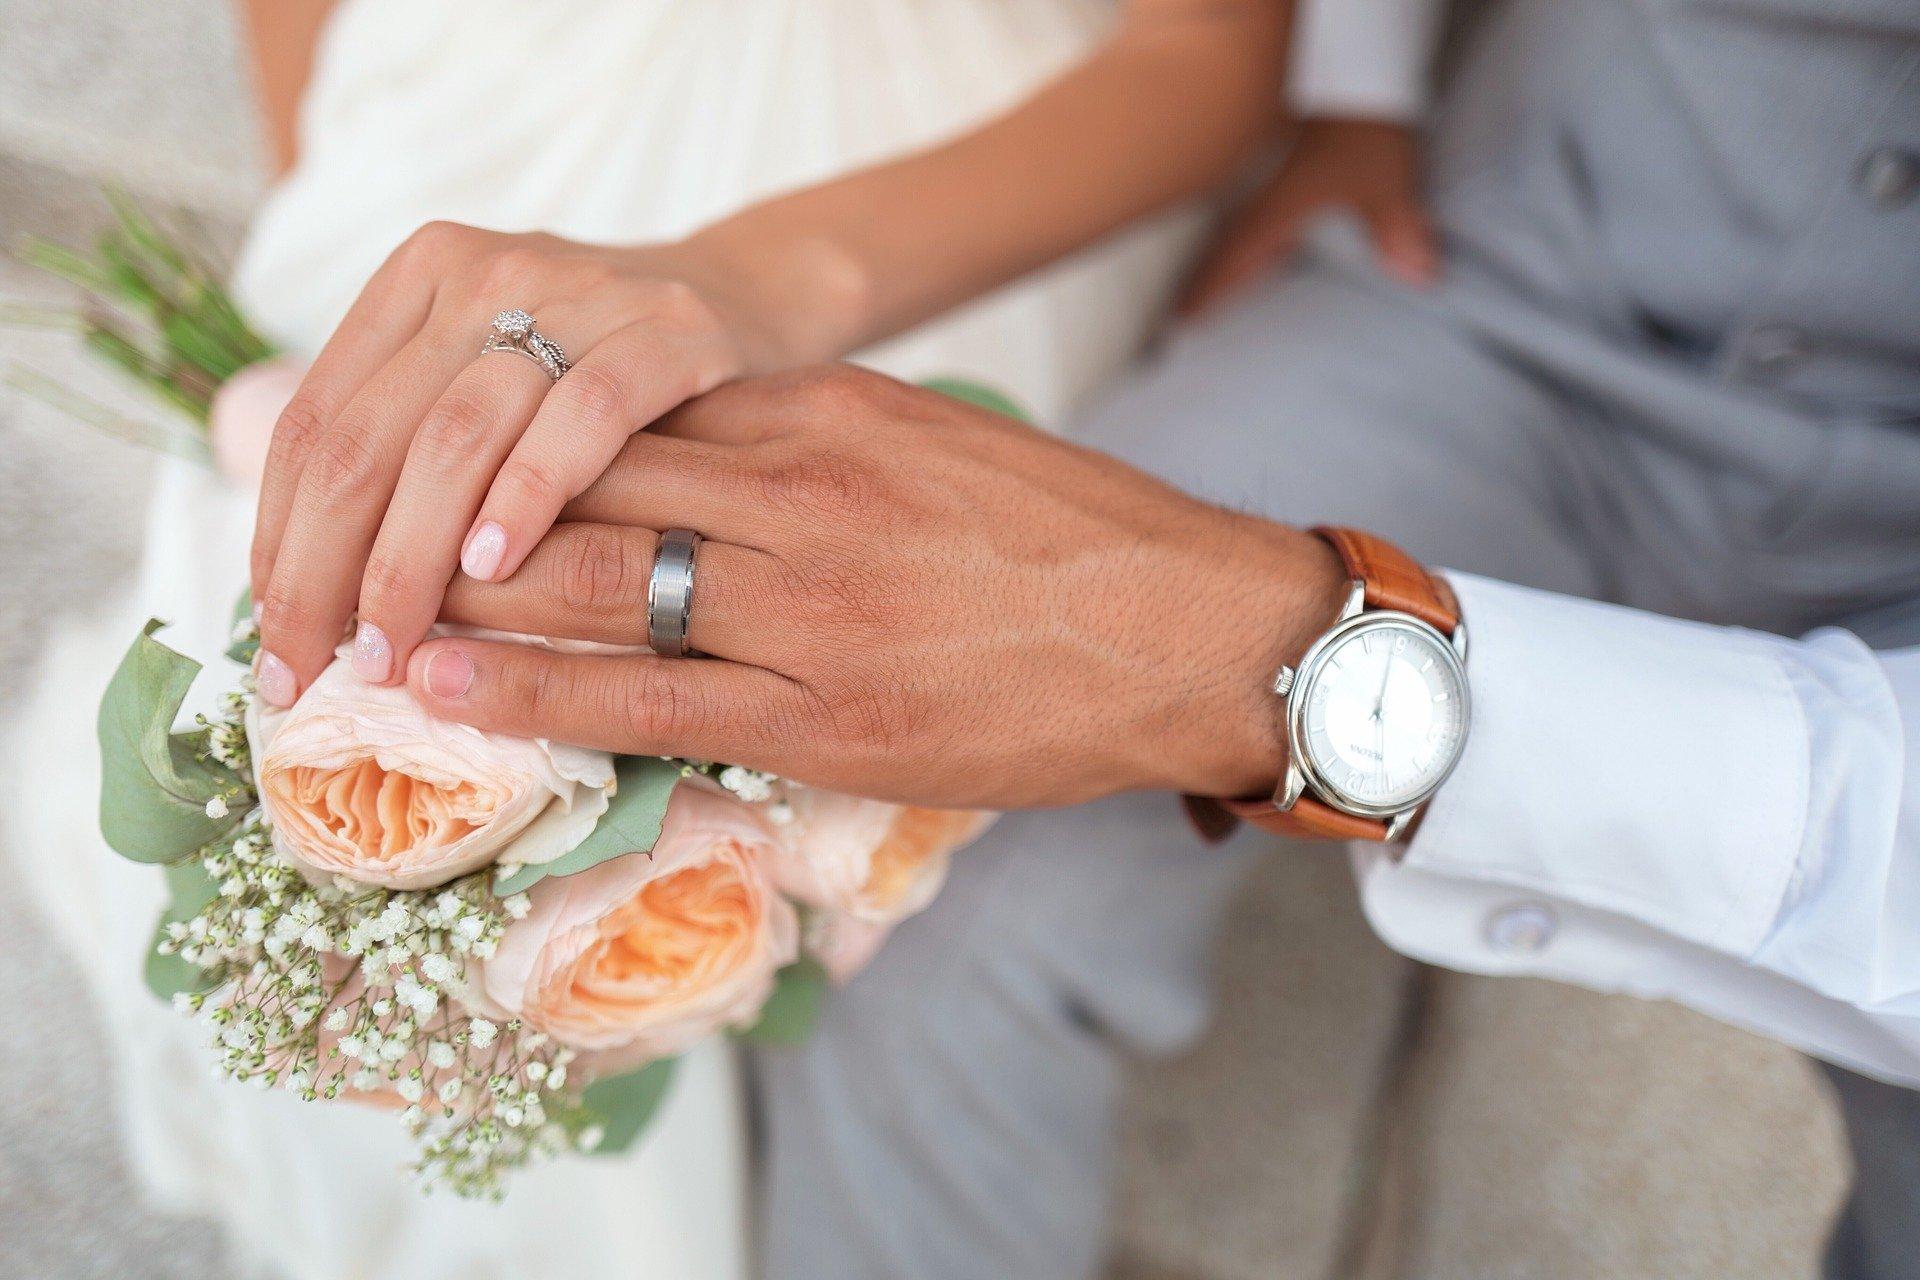 COVID 19: demande de précision sur les modalités de célébration des mariages post-confinement